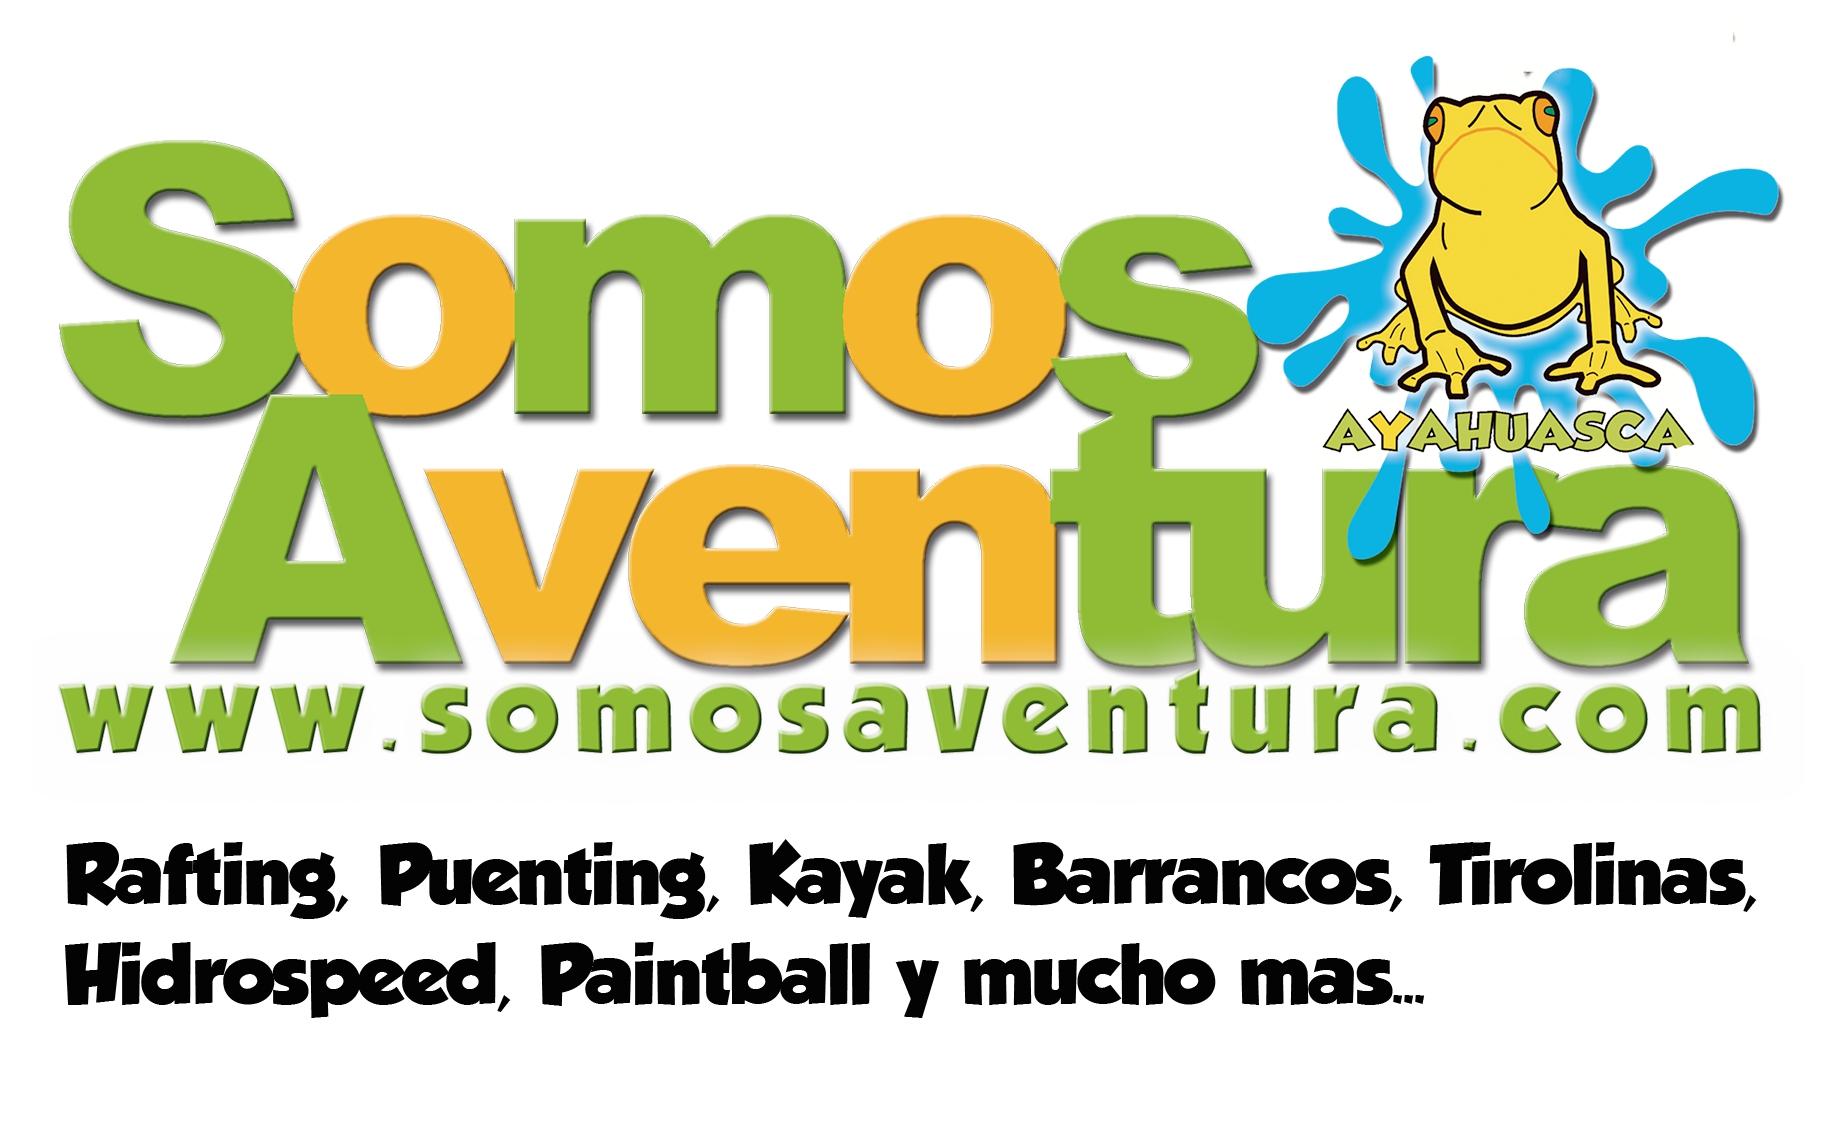 Imagen de SOMOS AVENTURA que es propietario de Somos Aventura